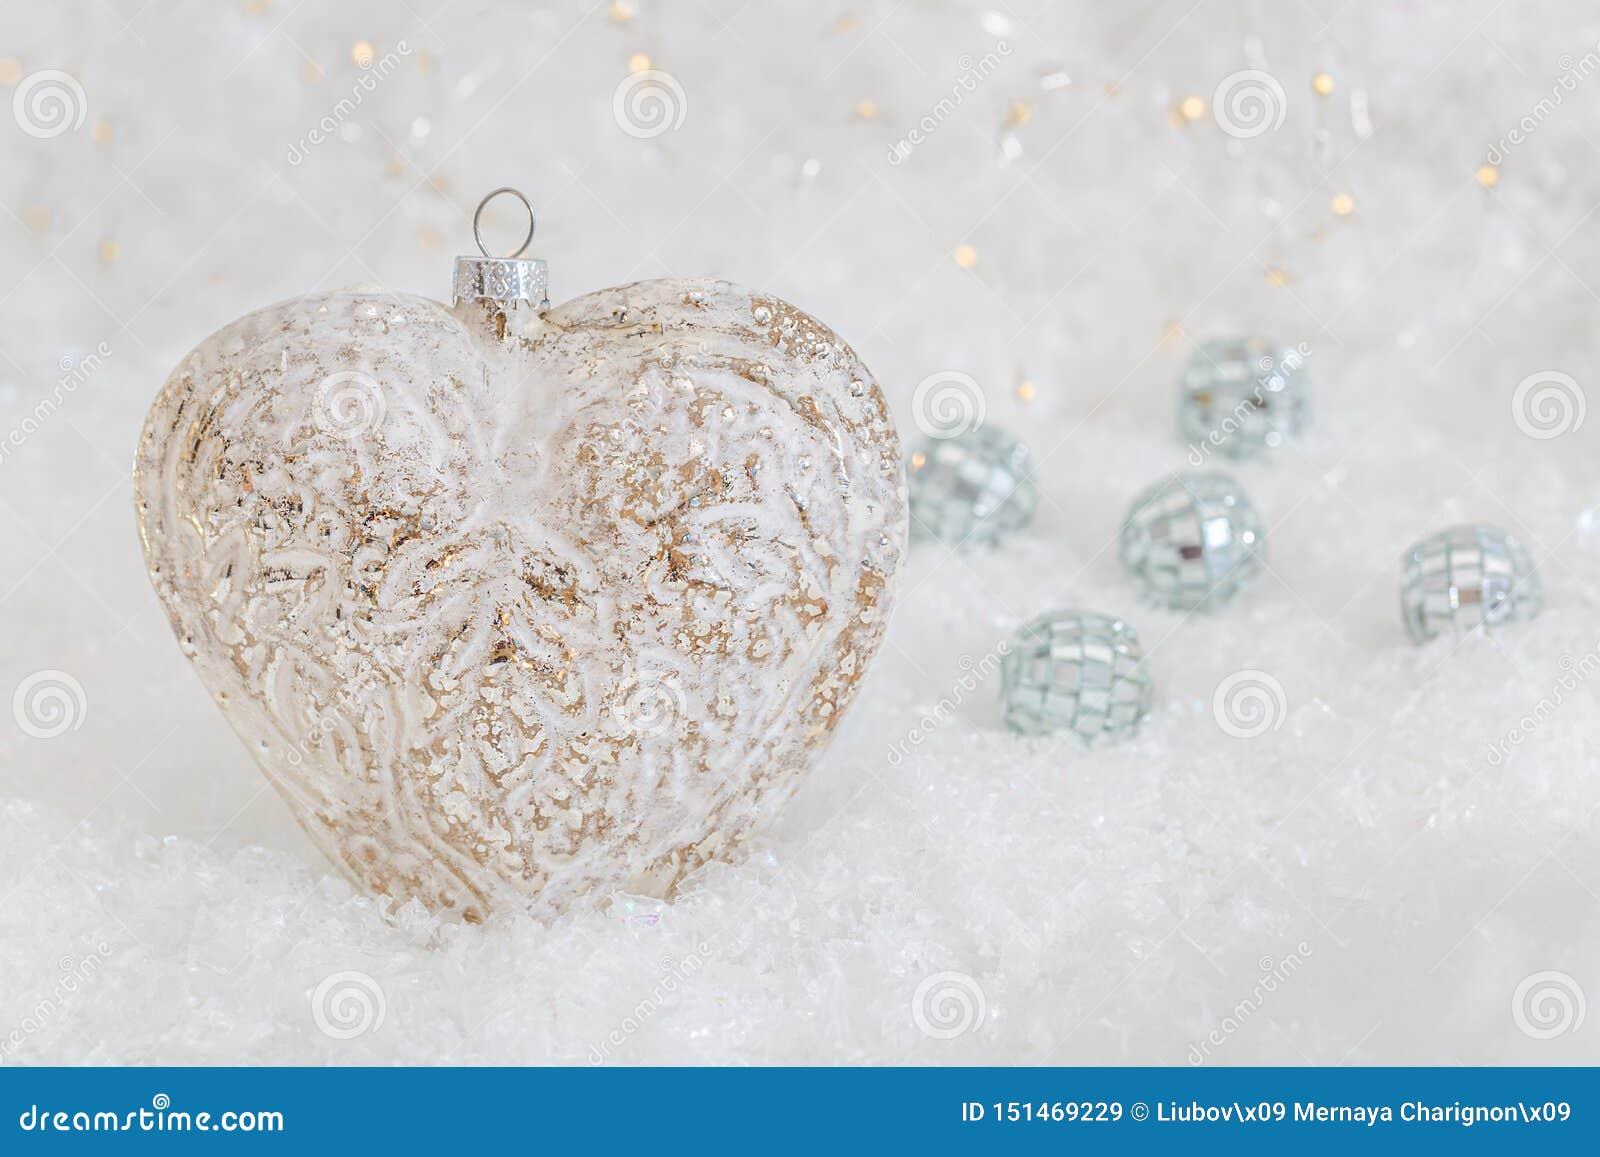 Coraz?n de cristal en una nieve Fondo blanco borroso del bokeh que brilla con las luces que brillan intensamente Decoraci?n de la